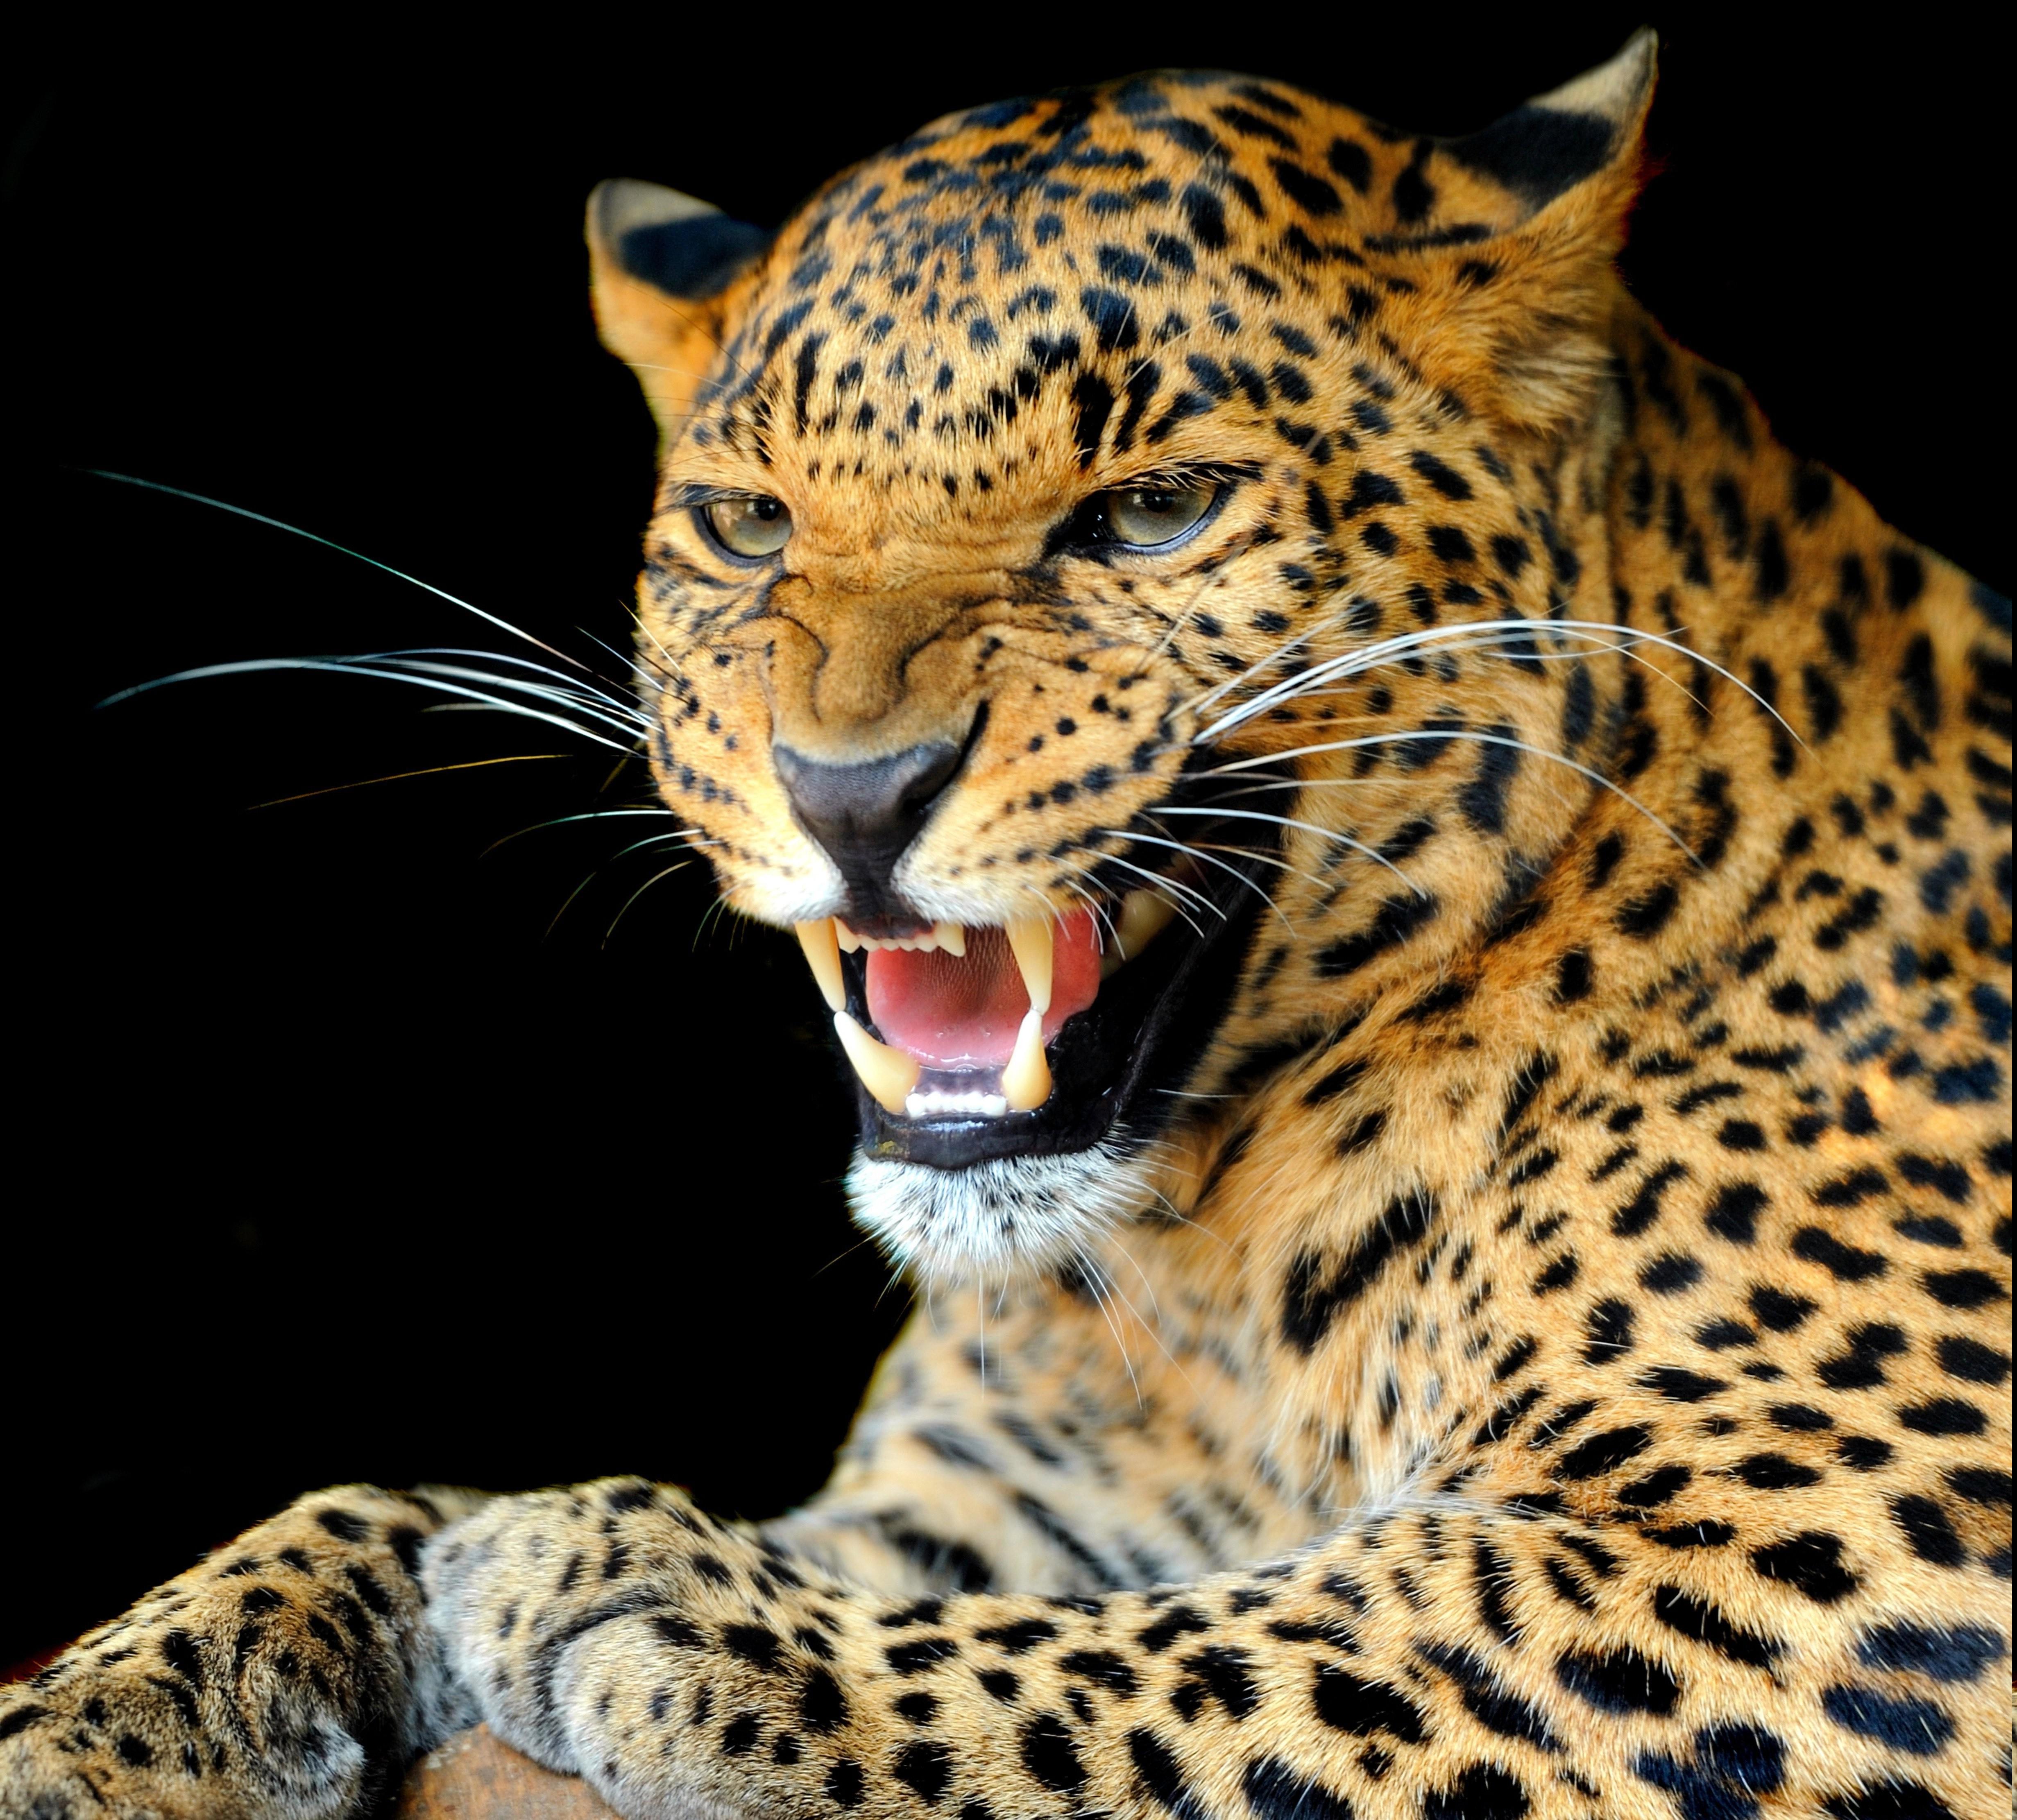 Jaguar Wild Animal: Wallpaper : Animals, Wildlife, Big Cats, Whiskers, Leopard